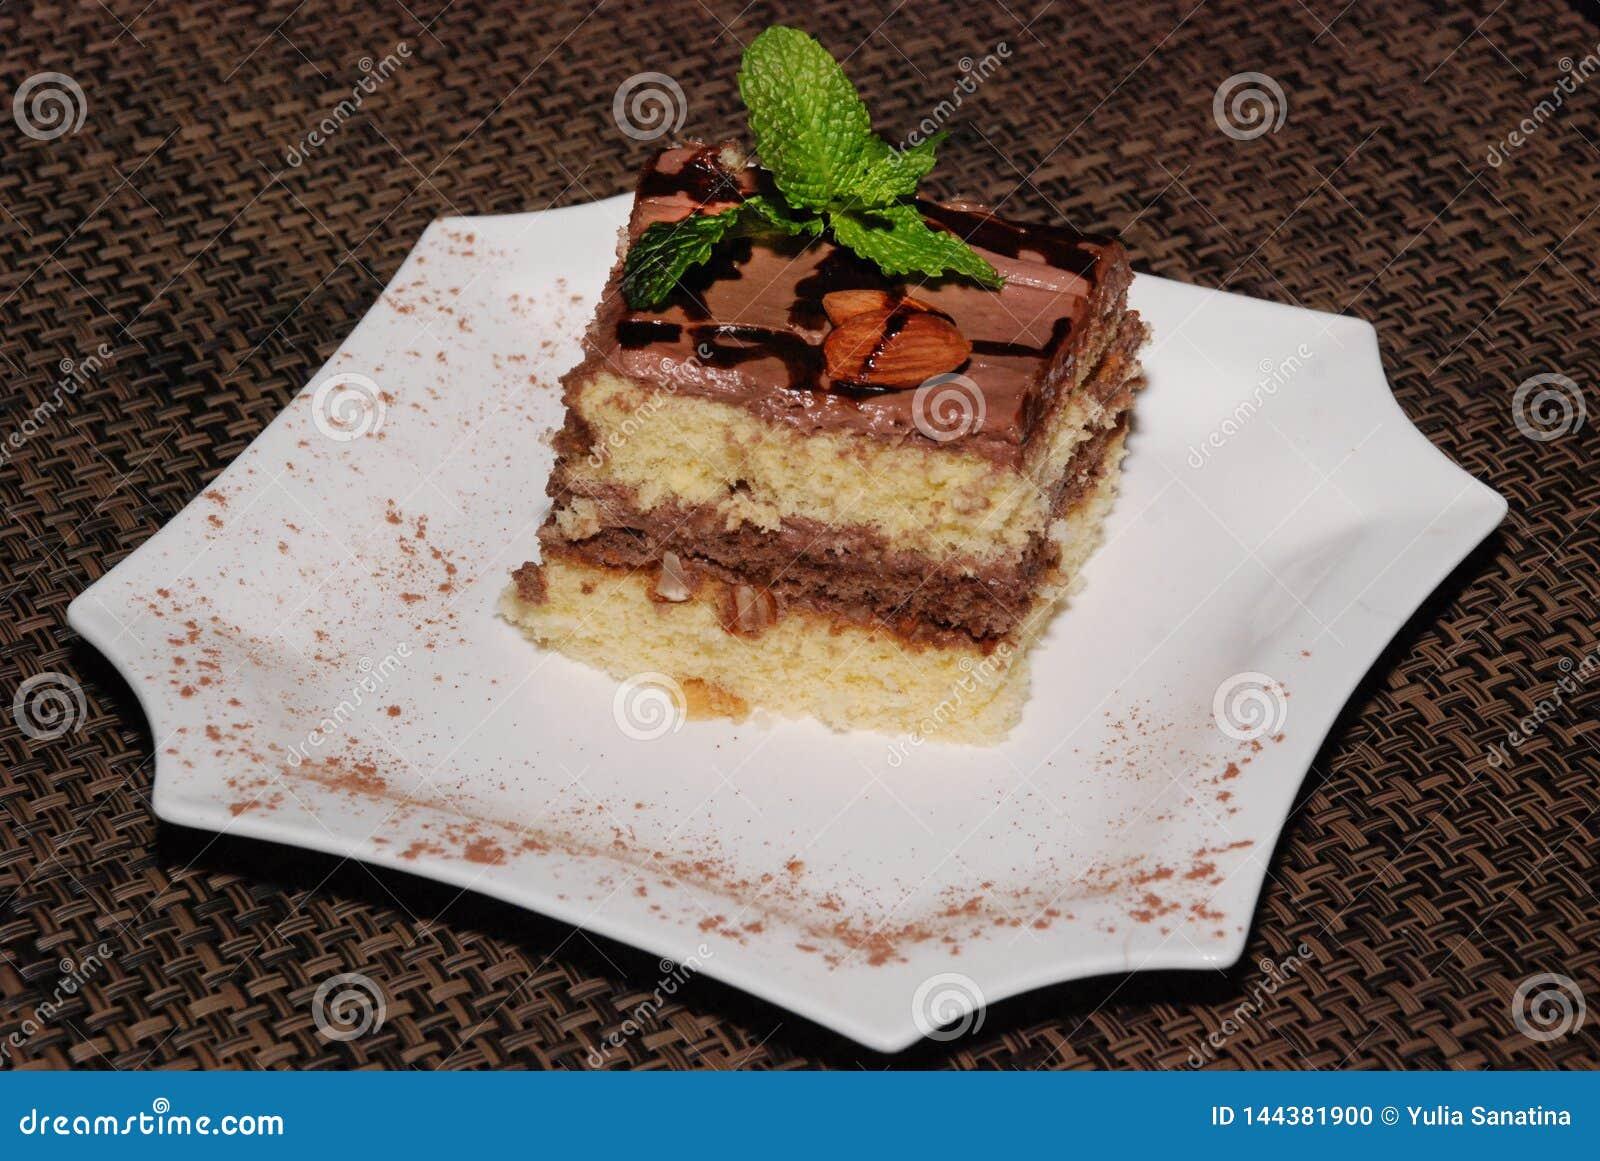 Квадратный кусок пирога с шоколадом и миндалиной на белой плите